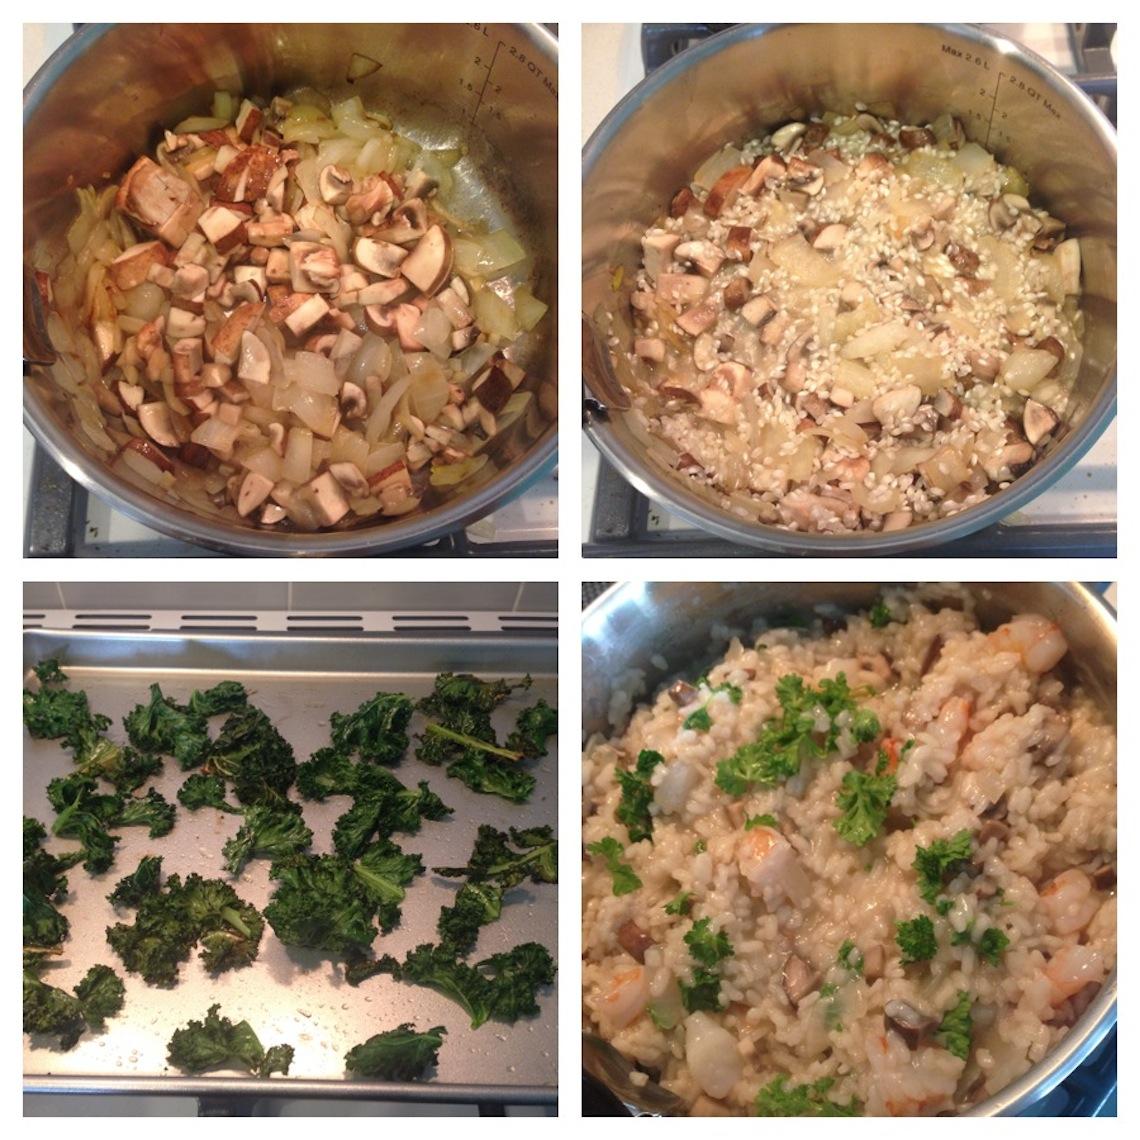 tfal ingenio risotto recipe